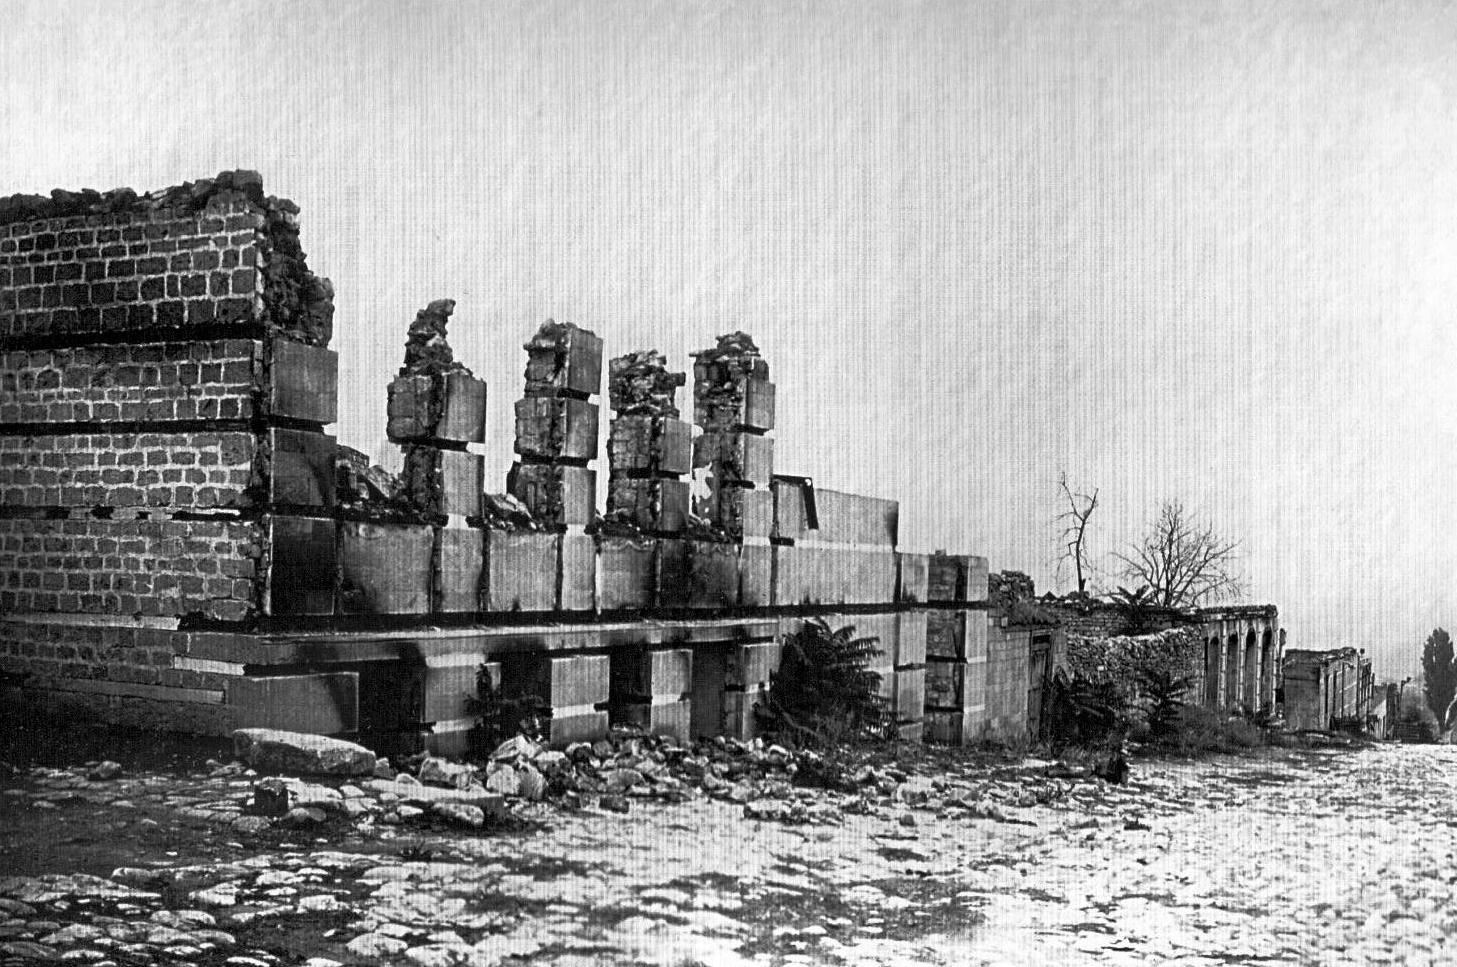 Kupeçeskaya küçəsində Hacı Dadaş Əli Mirzəyevin evinin dağıntıları